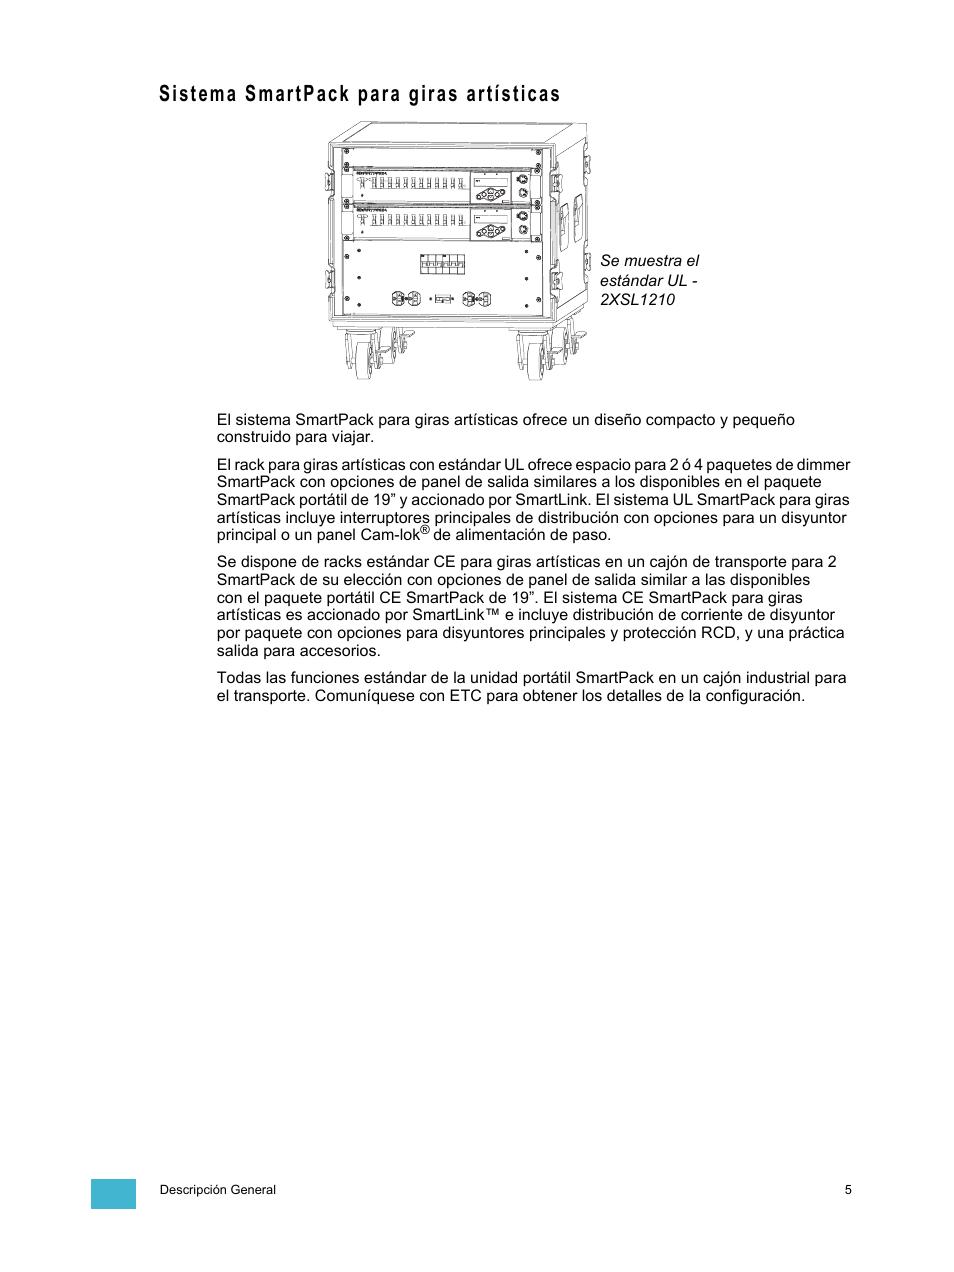 Sistema smartpack para giras artísticas | ETC SmartPack v2 0